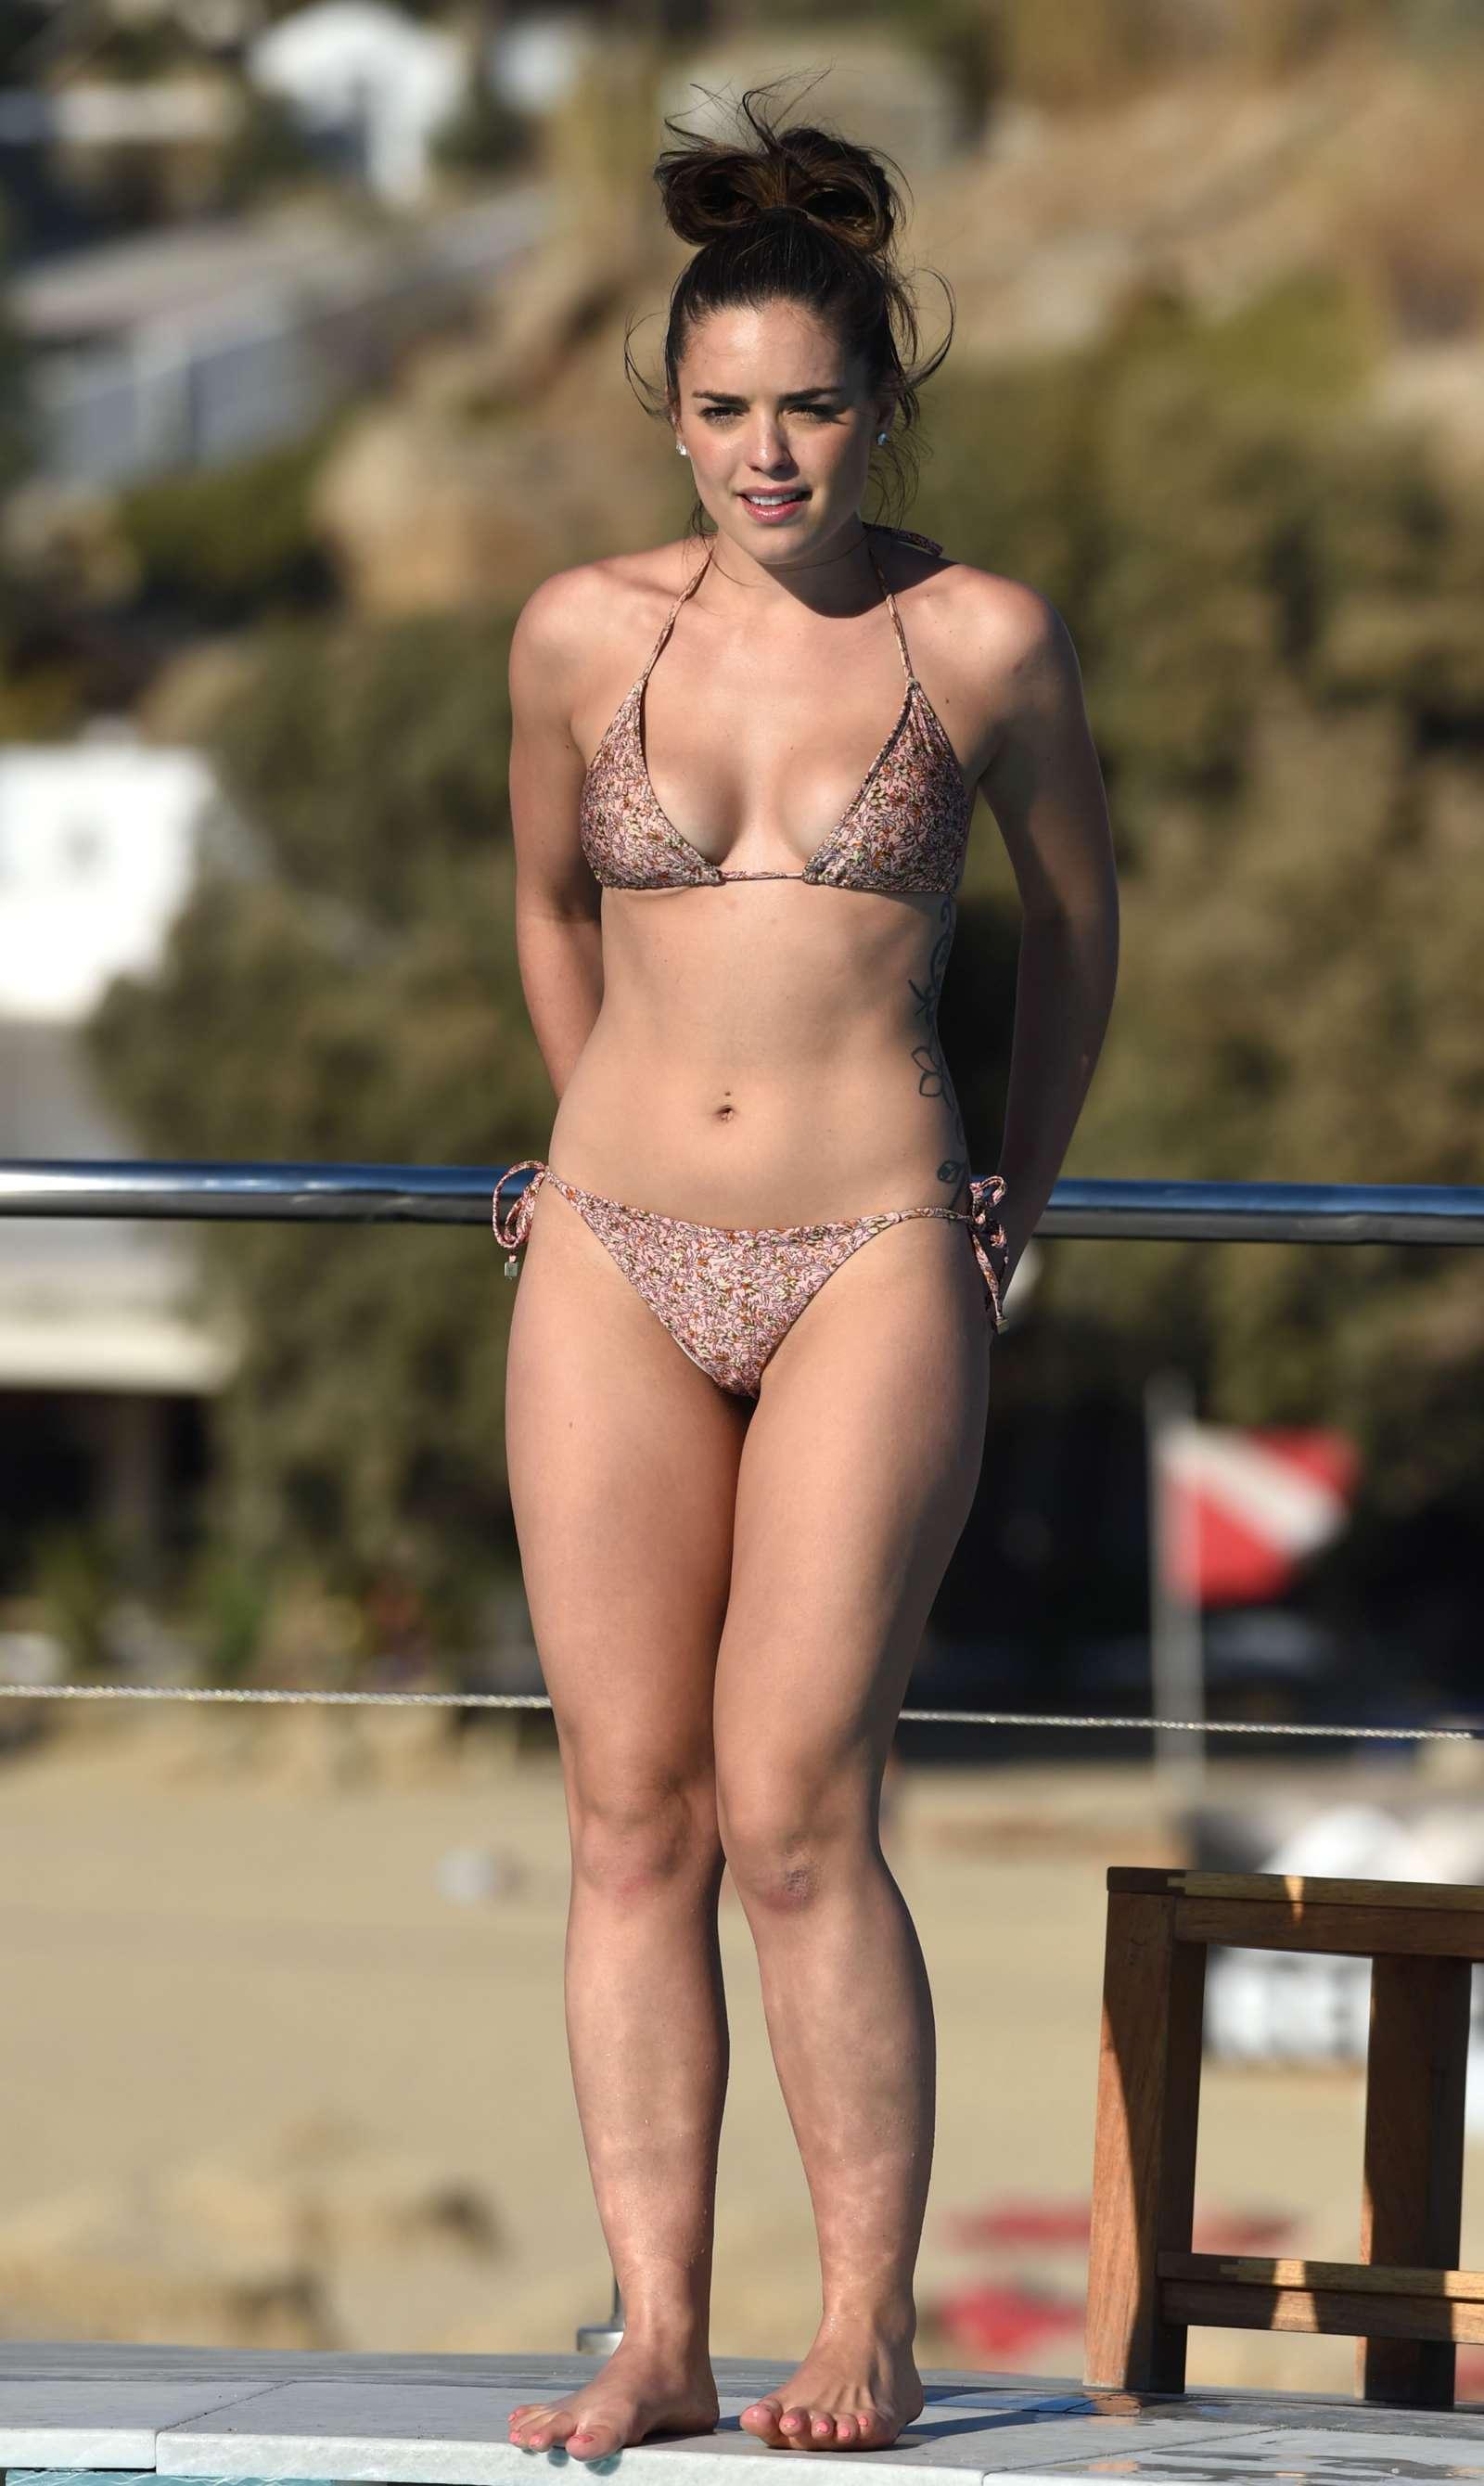 a skimpy bikini